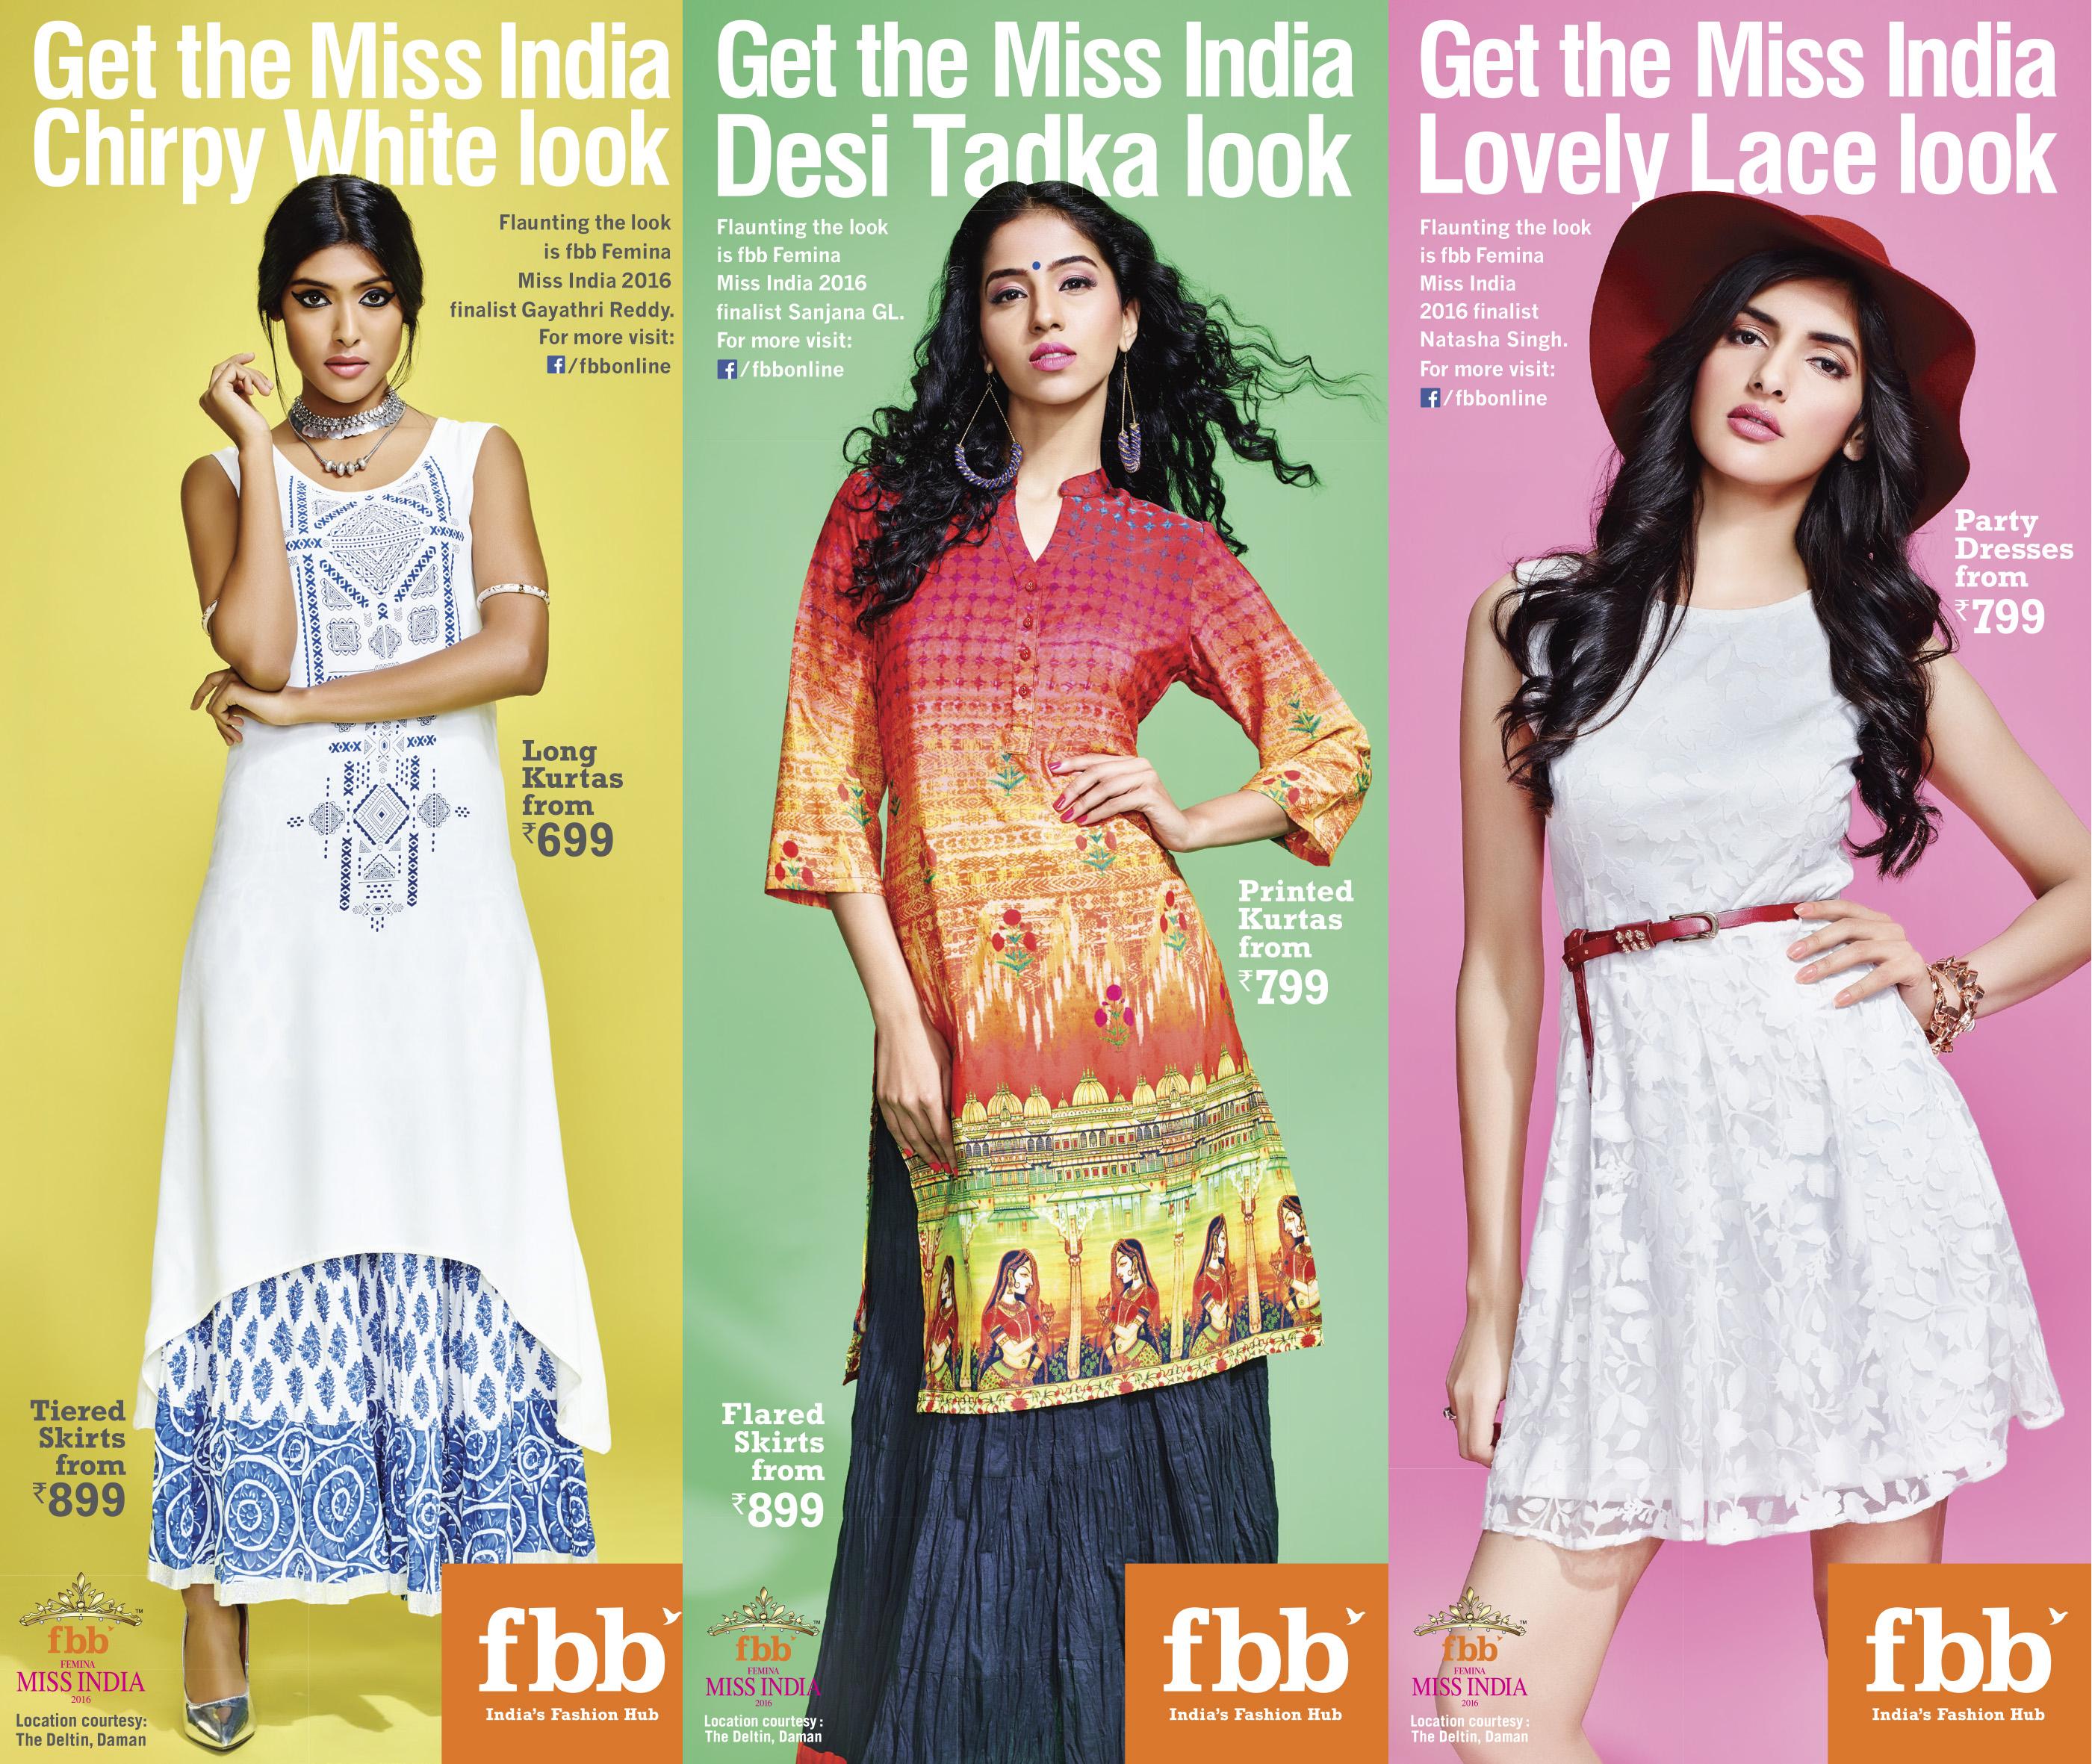 Miss India FBB